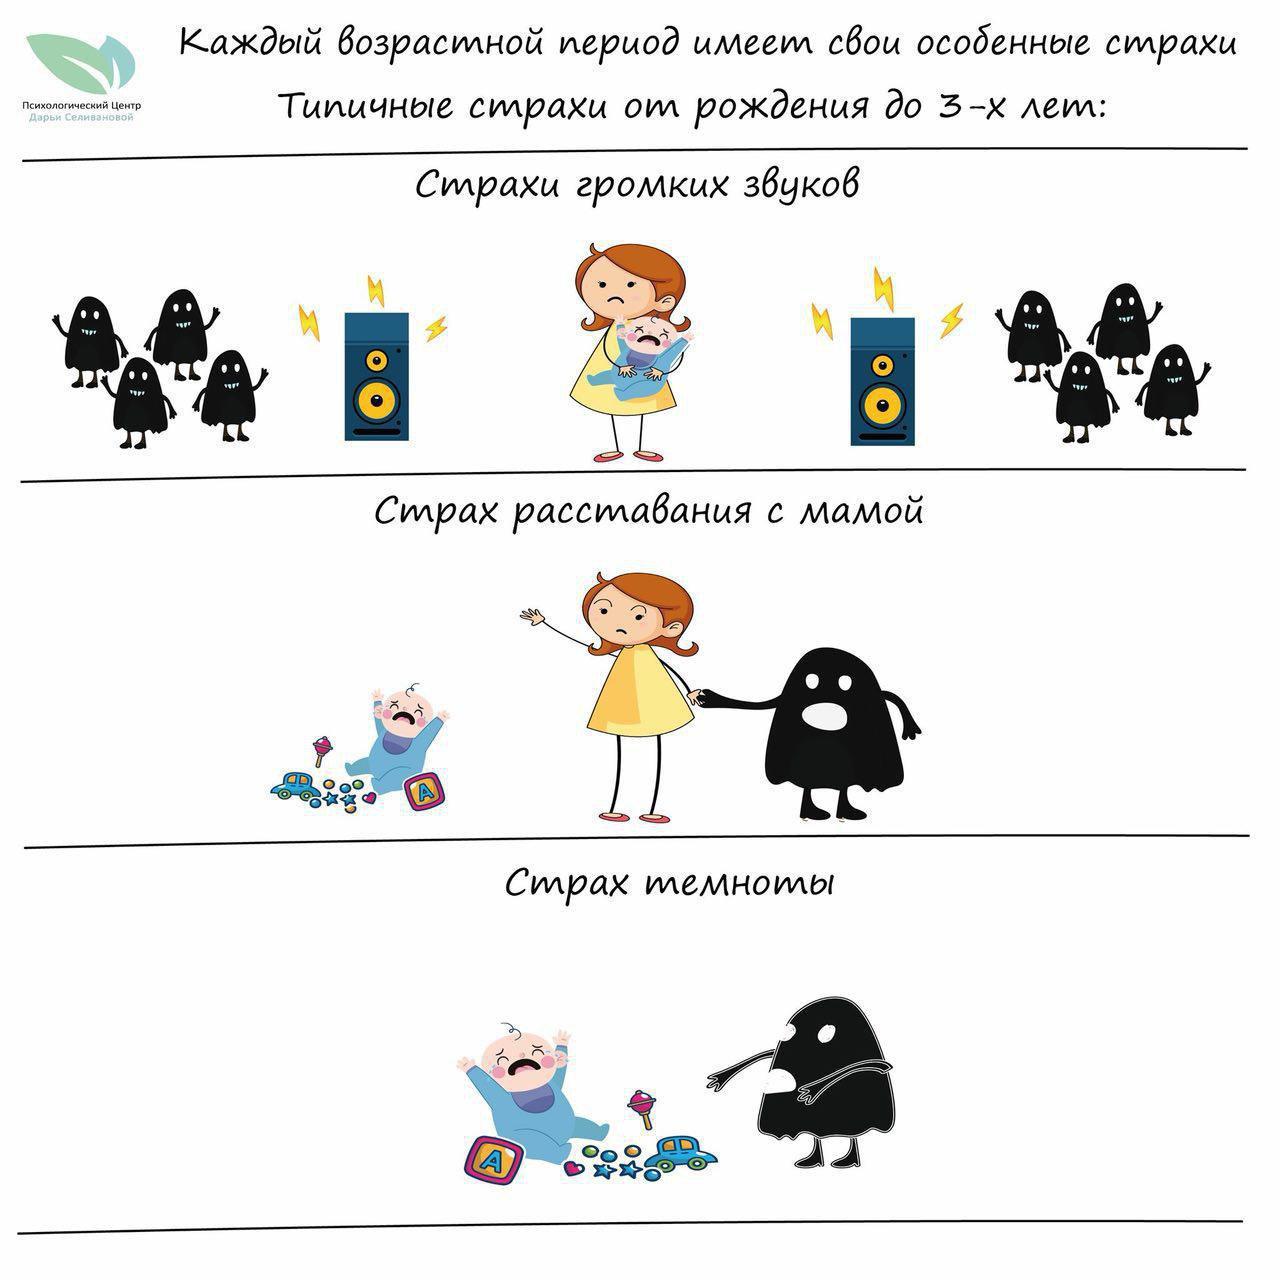 Типичные страхи от рождения до 3х лет